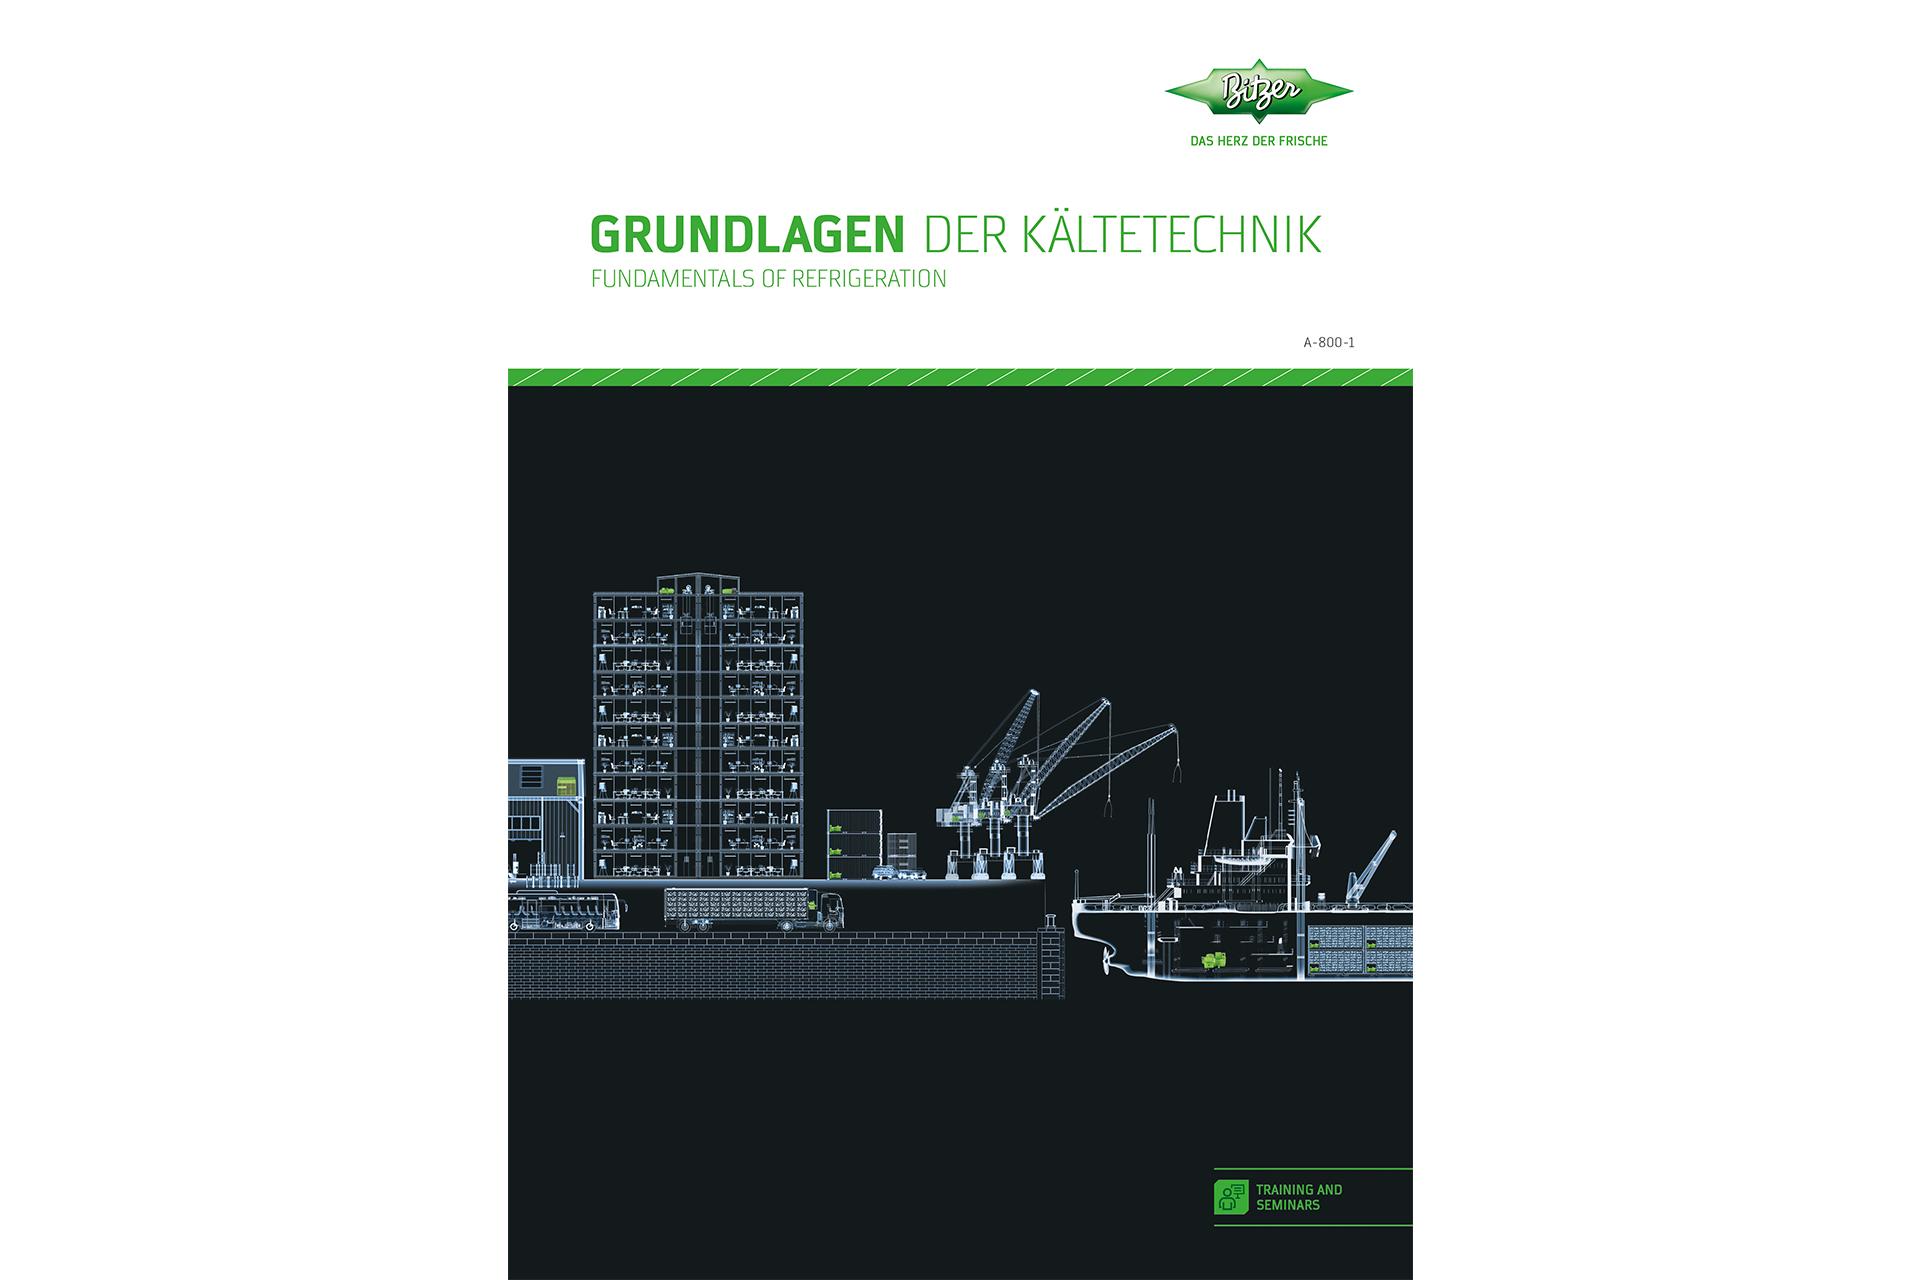 Neues Bitzer Handbuch: Kältetechnik für Einsteiger und Fortgeschrittene